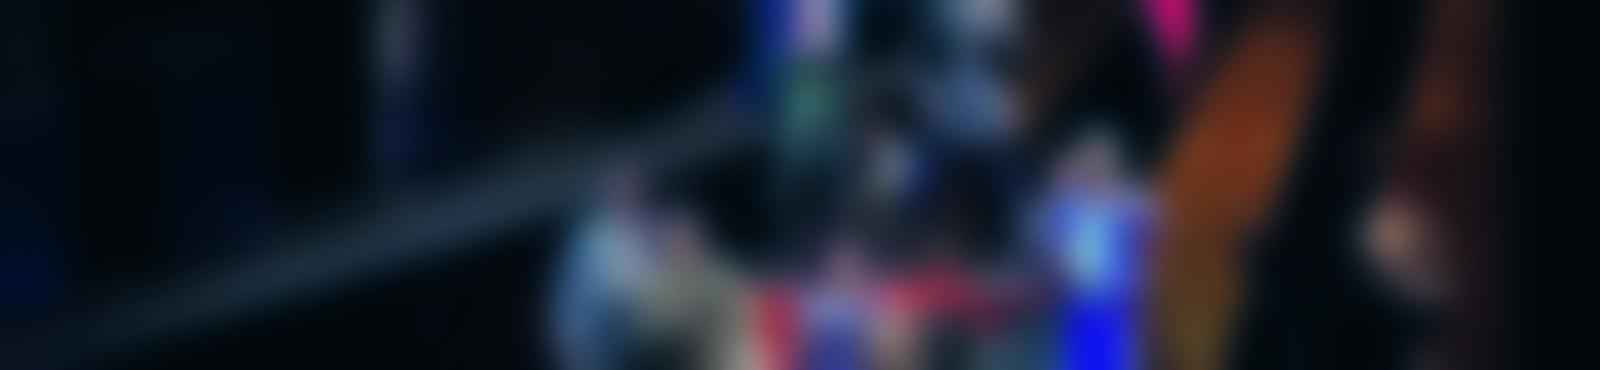 Blurred 7113566b d44a 4033 b2a9 d624924f2808